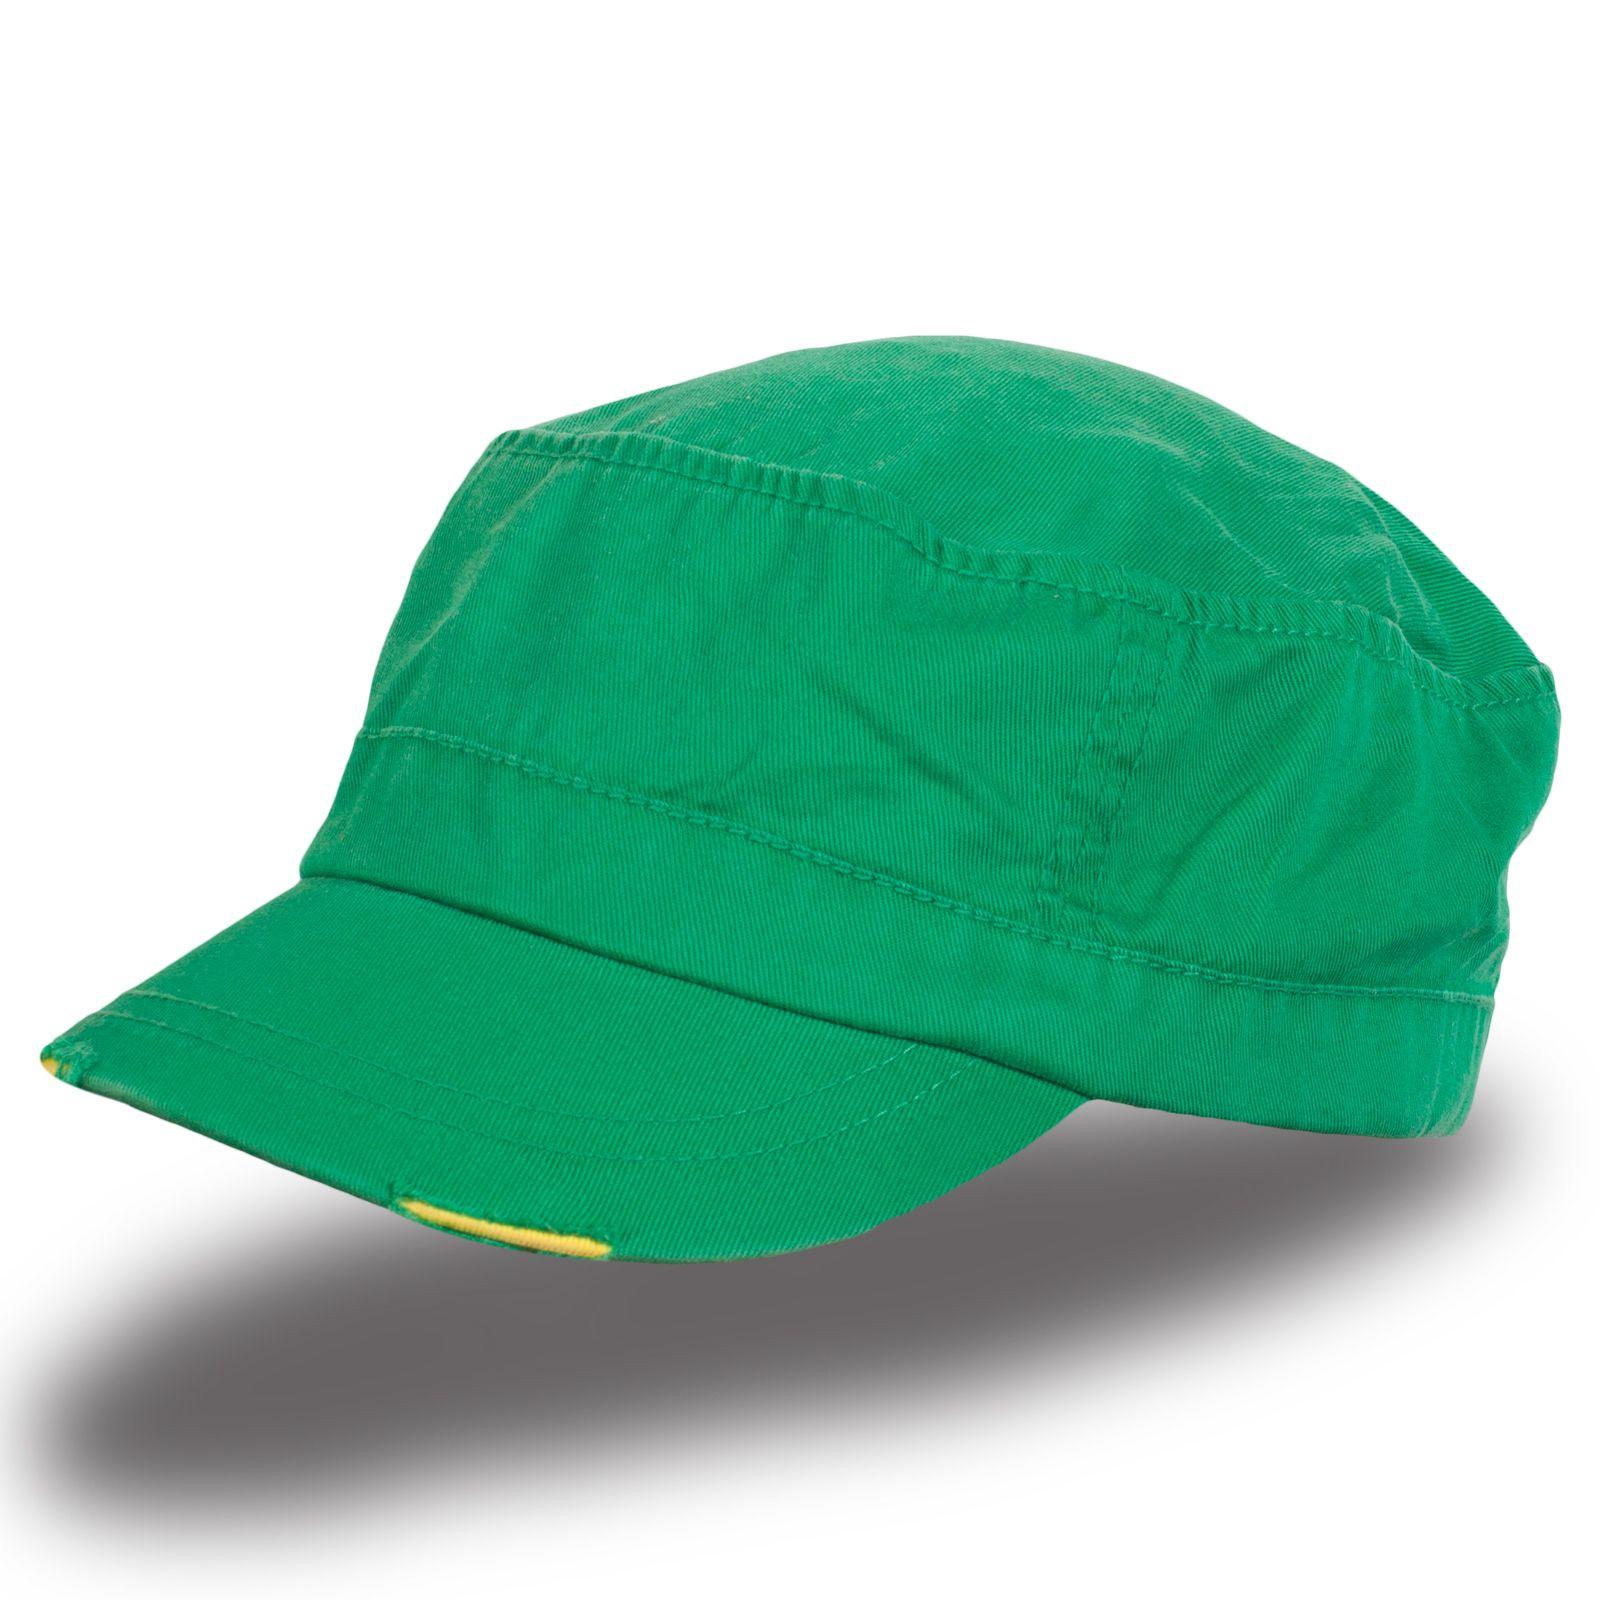 Яркая зеленая кепка - купить в интернет-магазине с доставкой